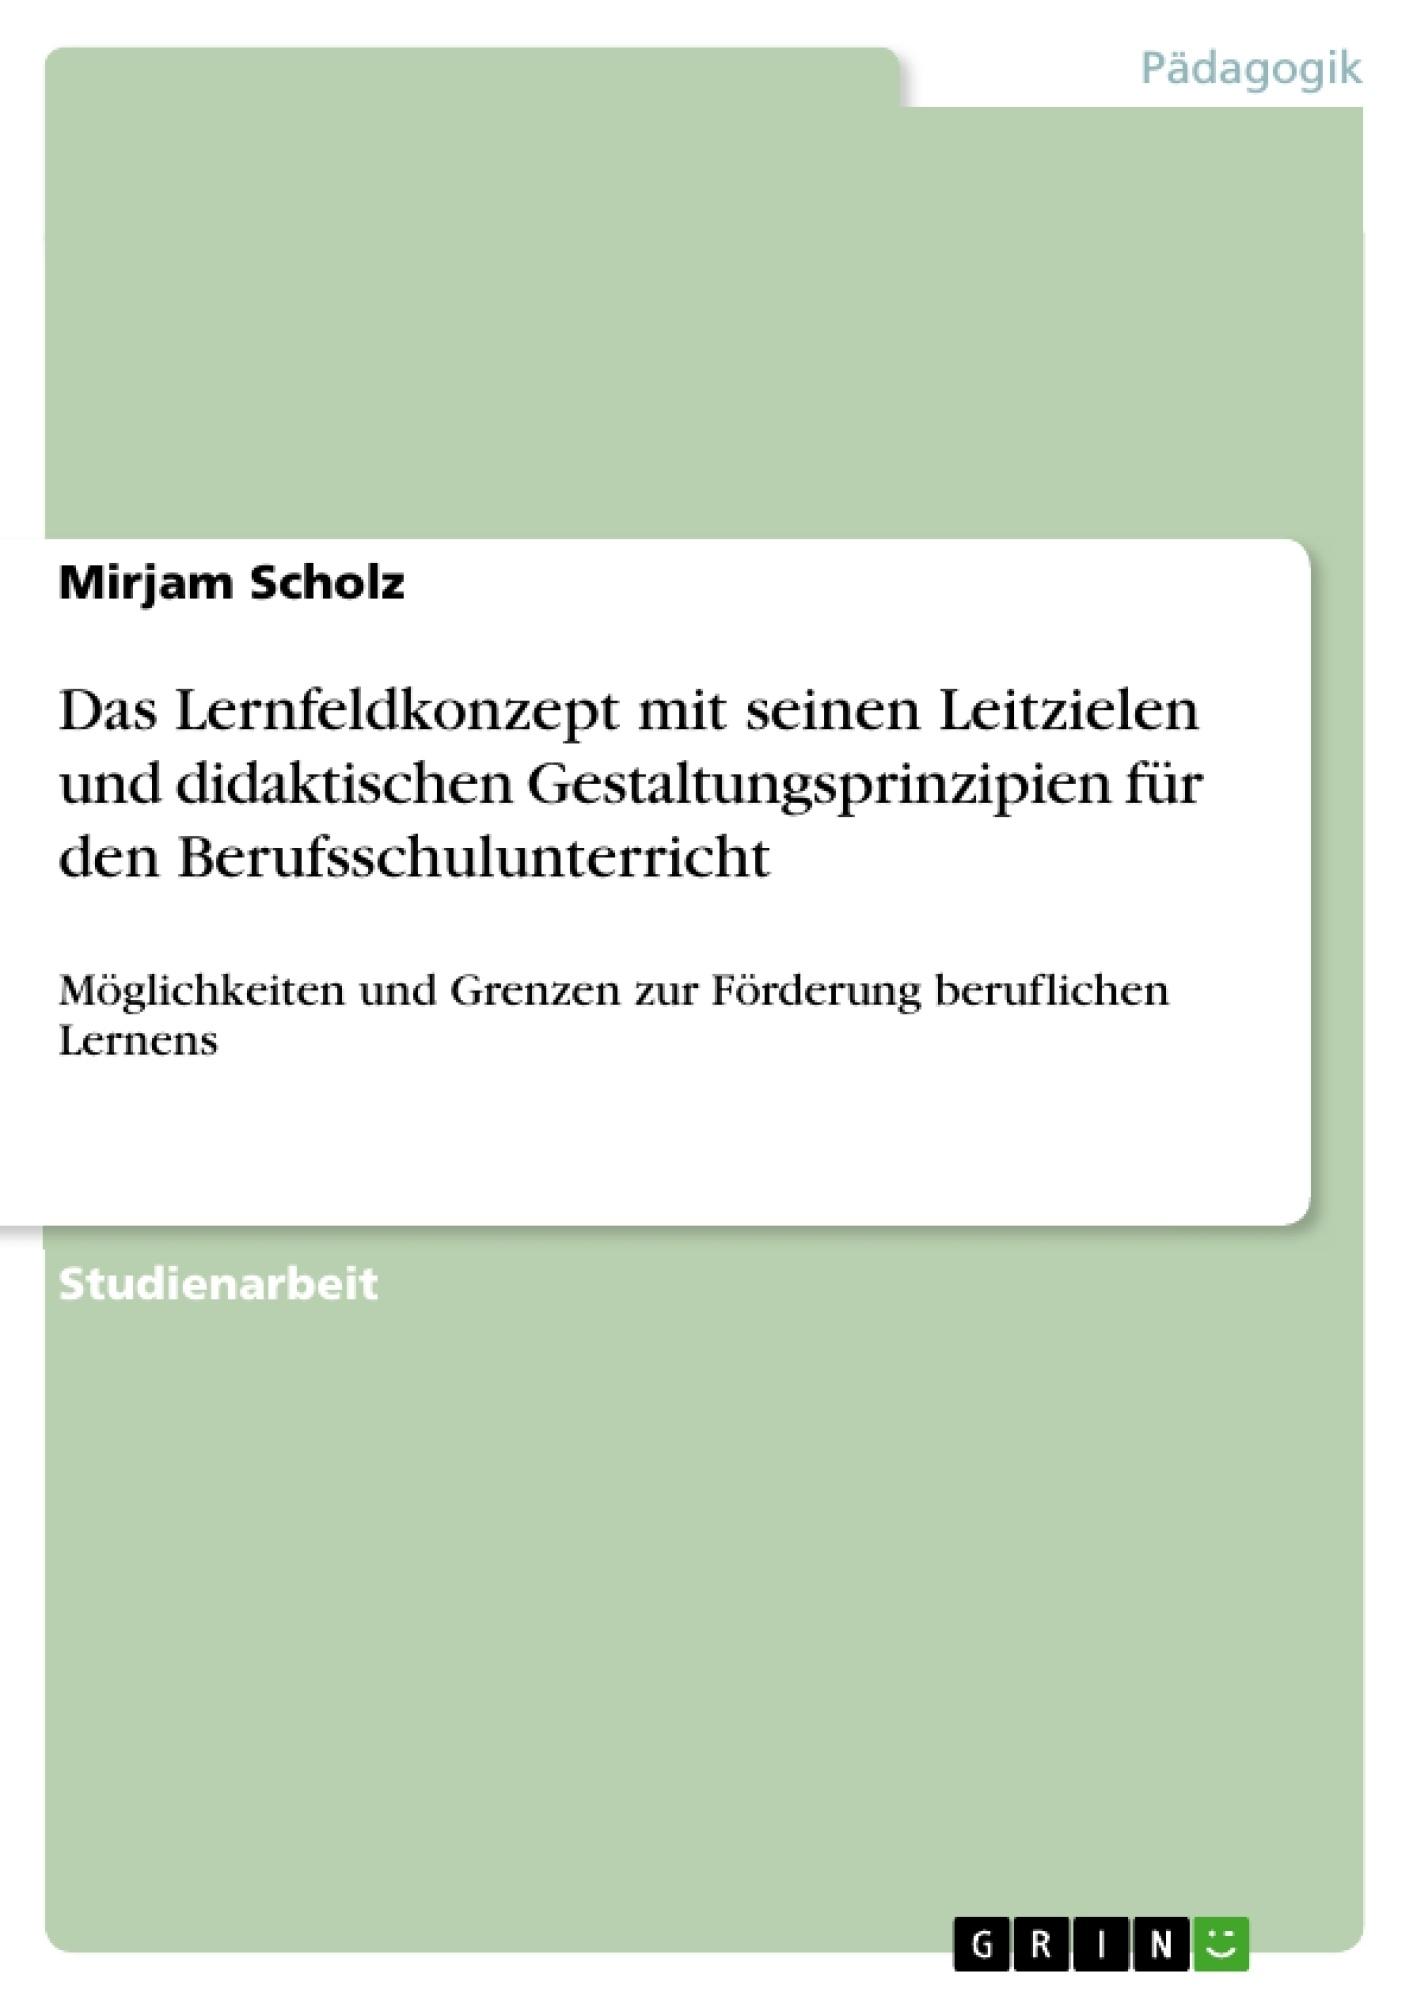 Titel: Das Lernfeldkonzept mit seinen Leitzielen und didaktischen Gestaltungsprinzipien für den Berufsschulunterricht